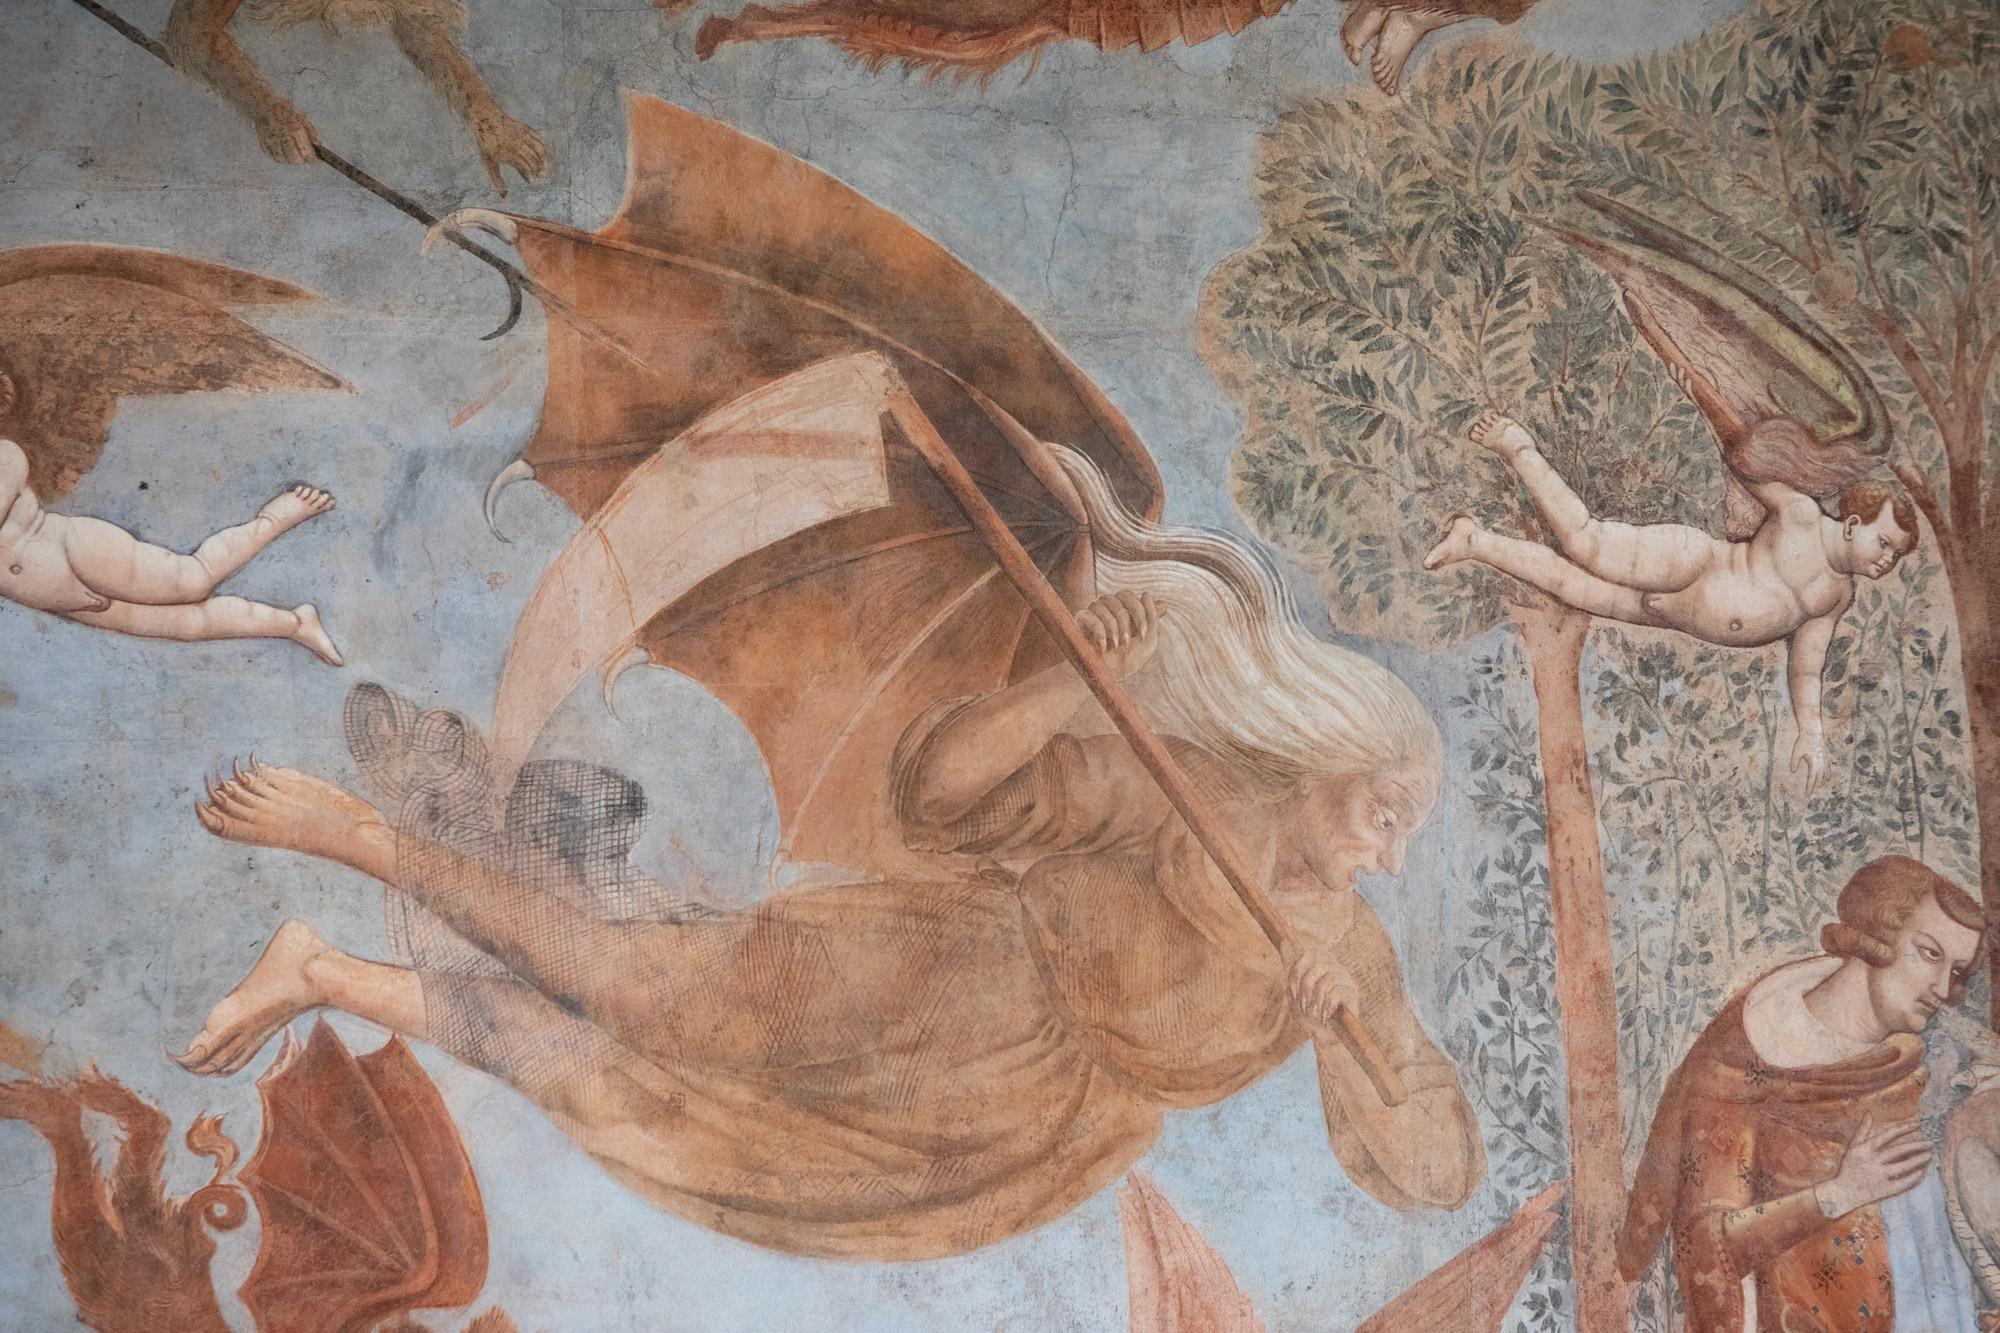 Bonamico Buffalmacco, Trionfo della Morte, dettaglio della Morte